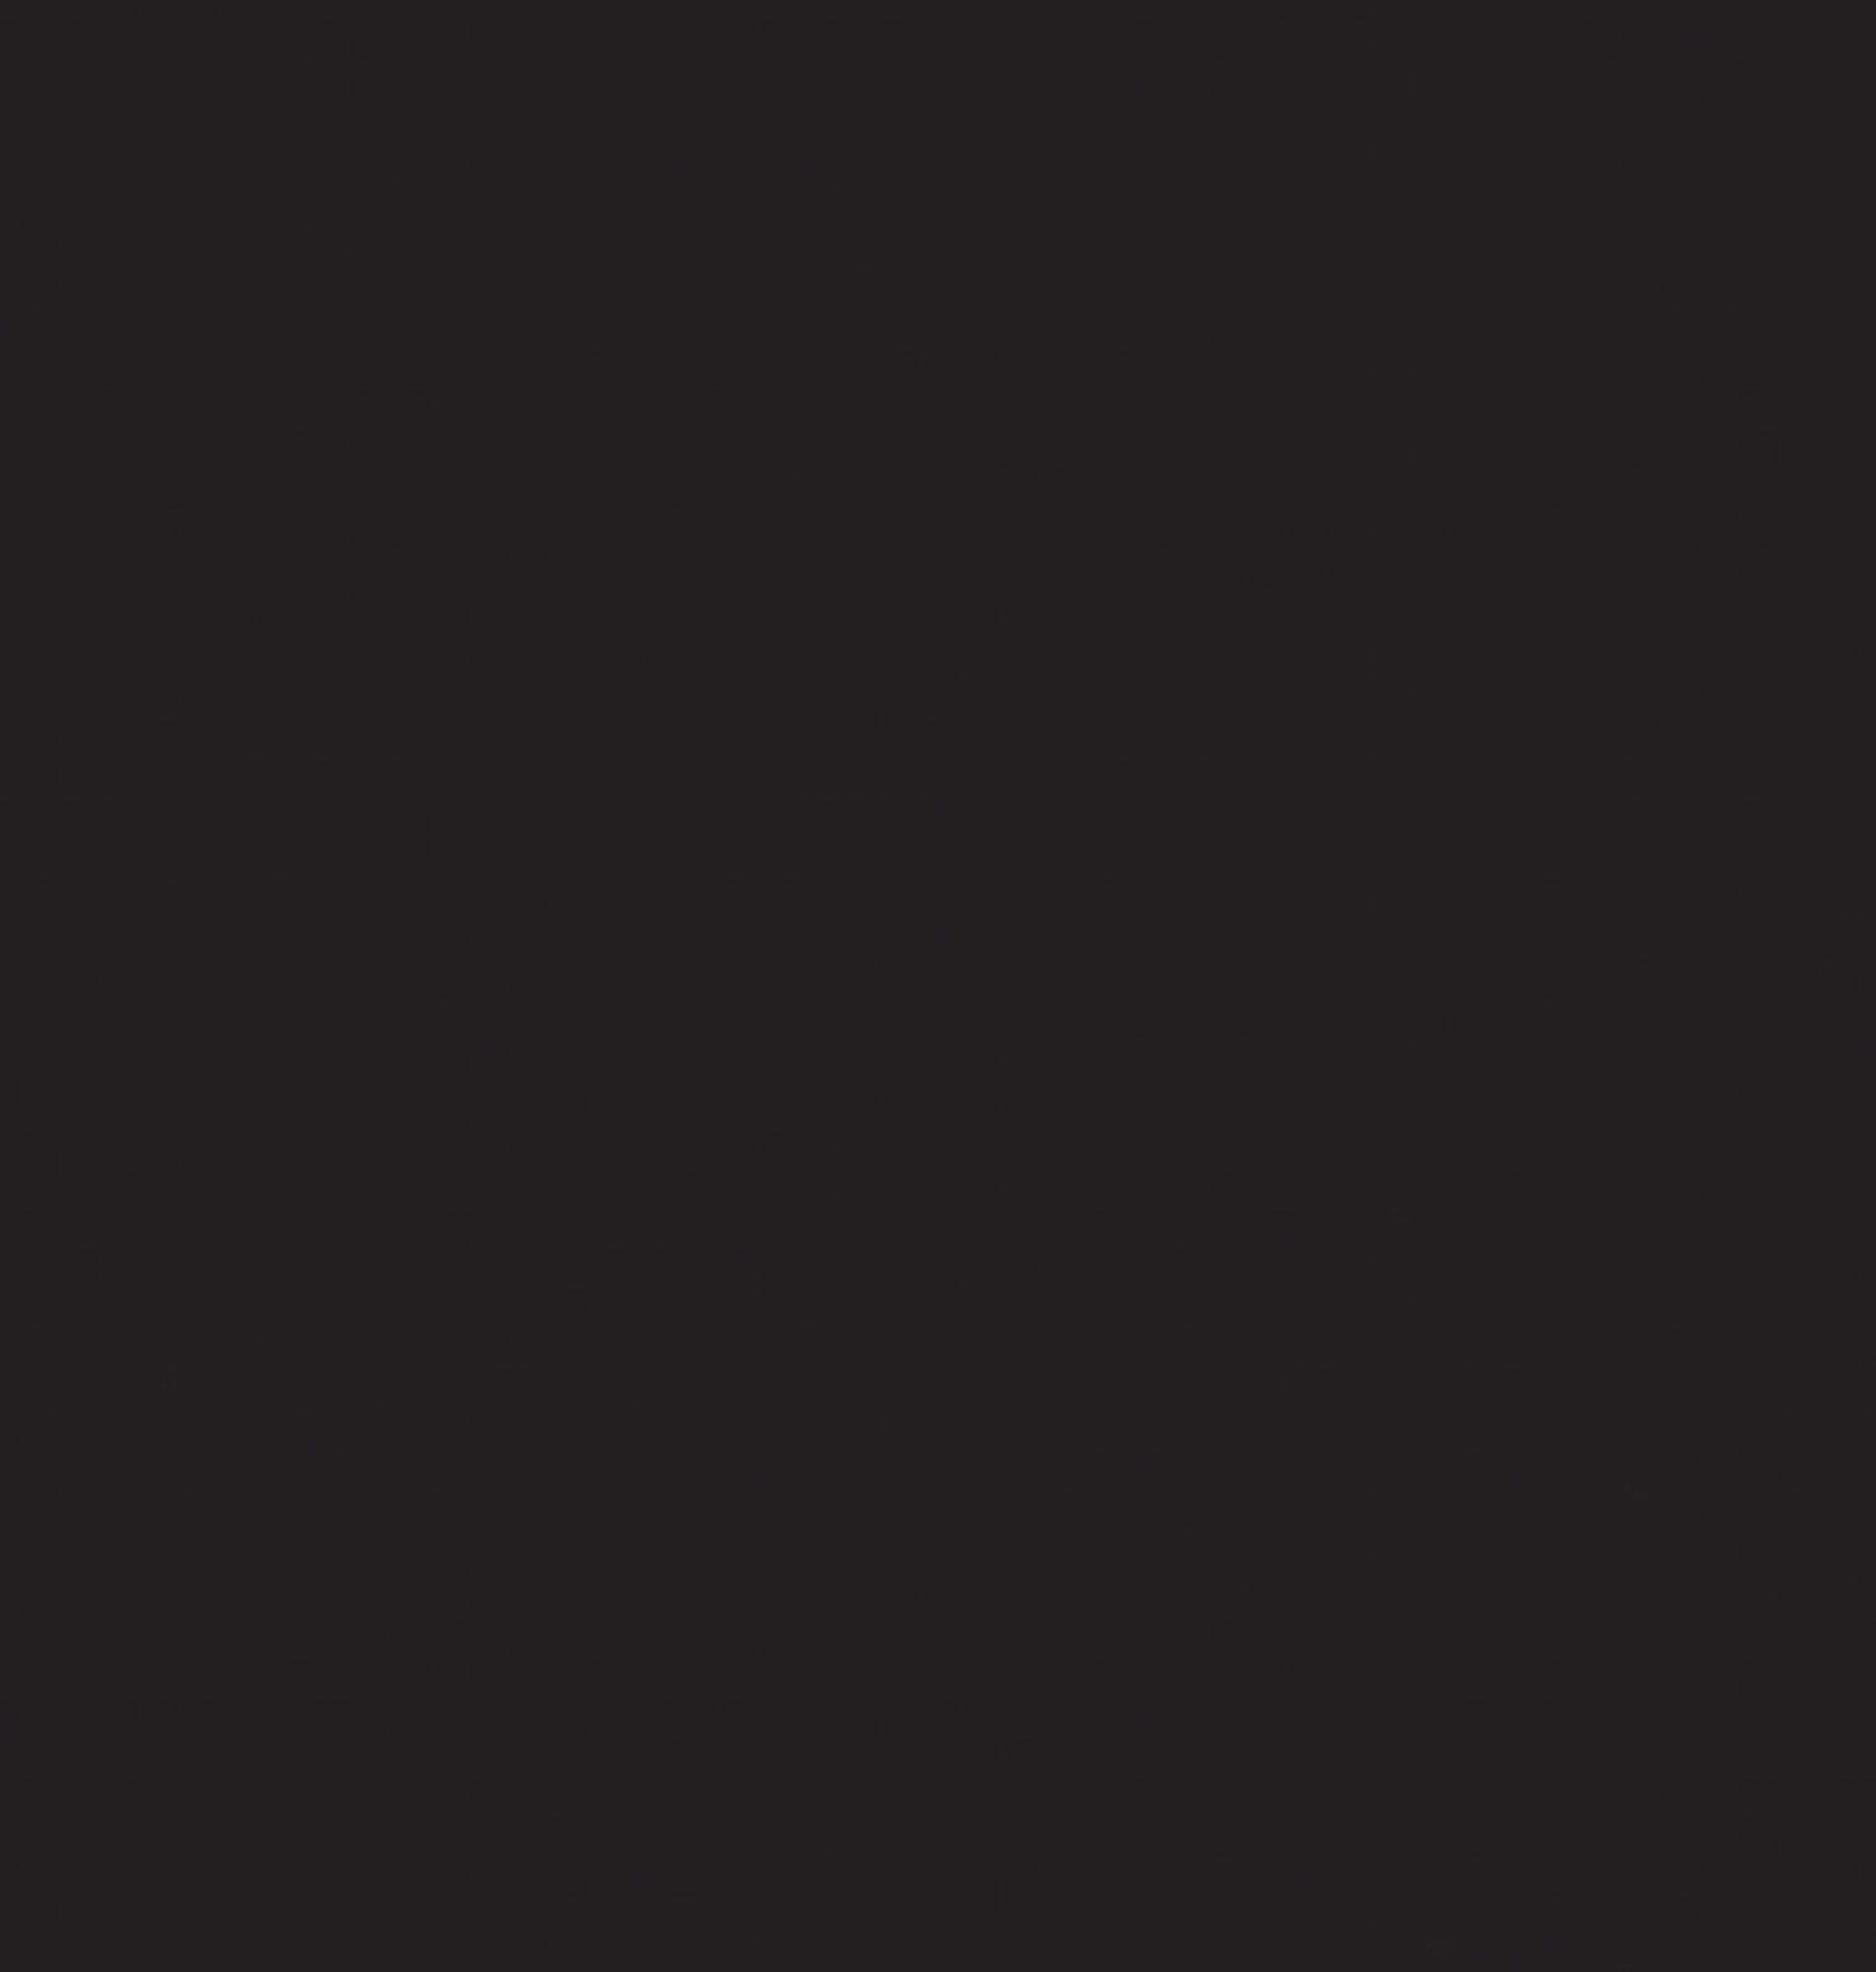 Tecido tricoline liso dohler 100% algodão preto